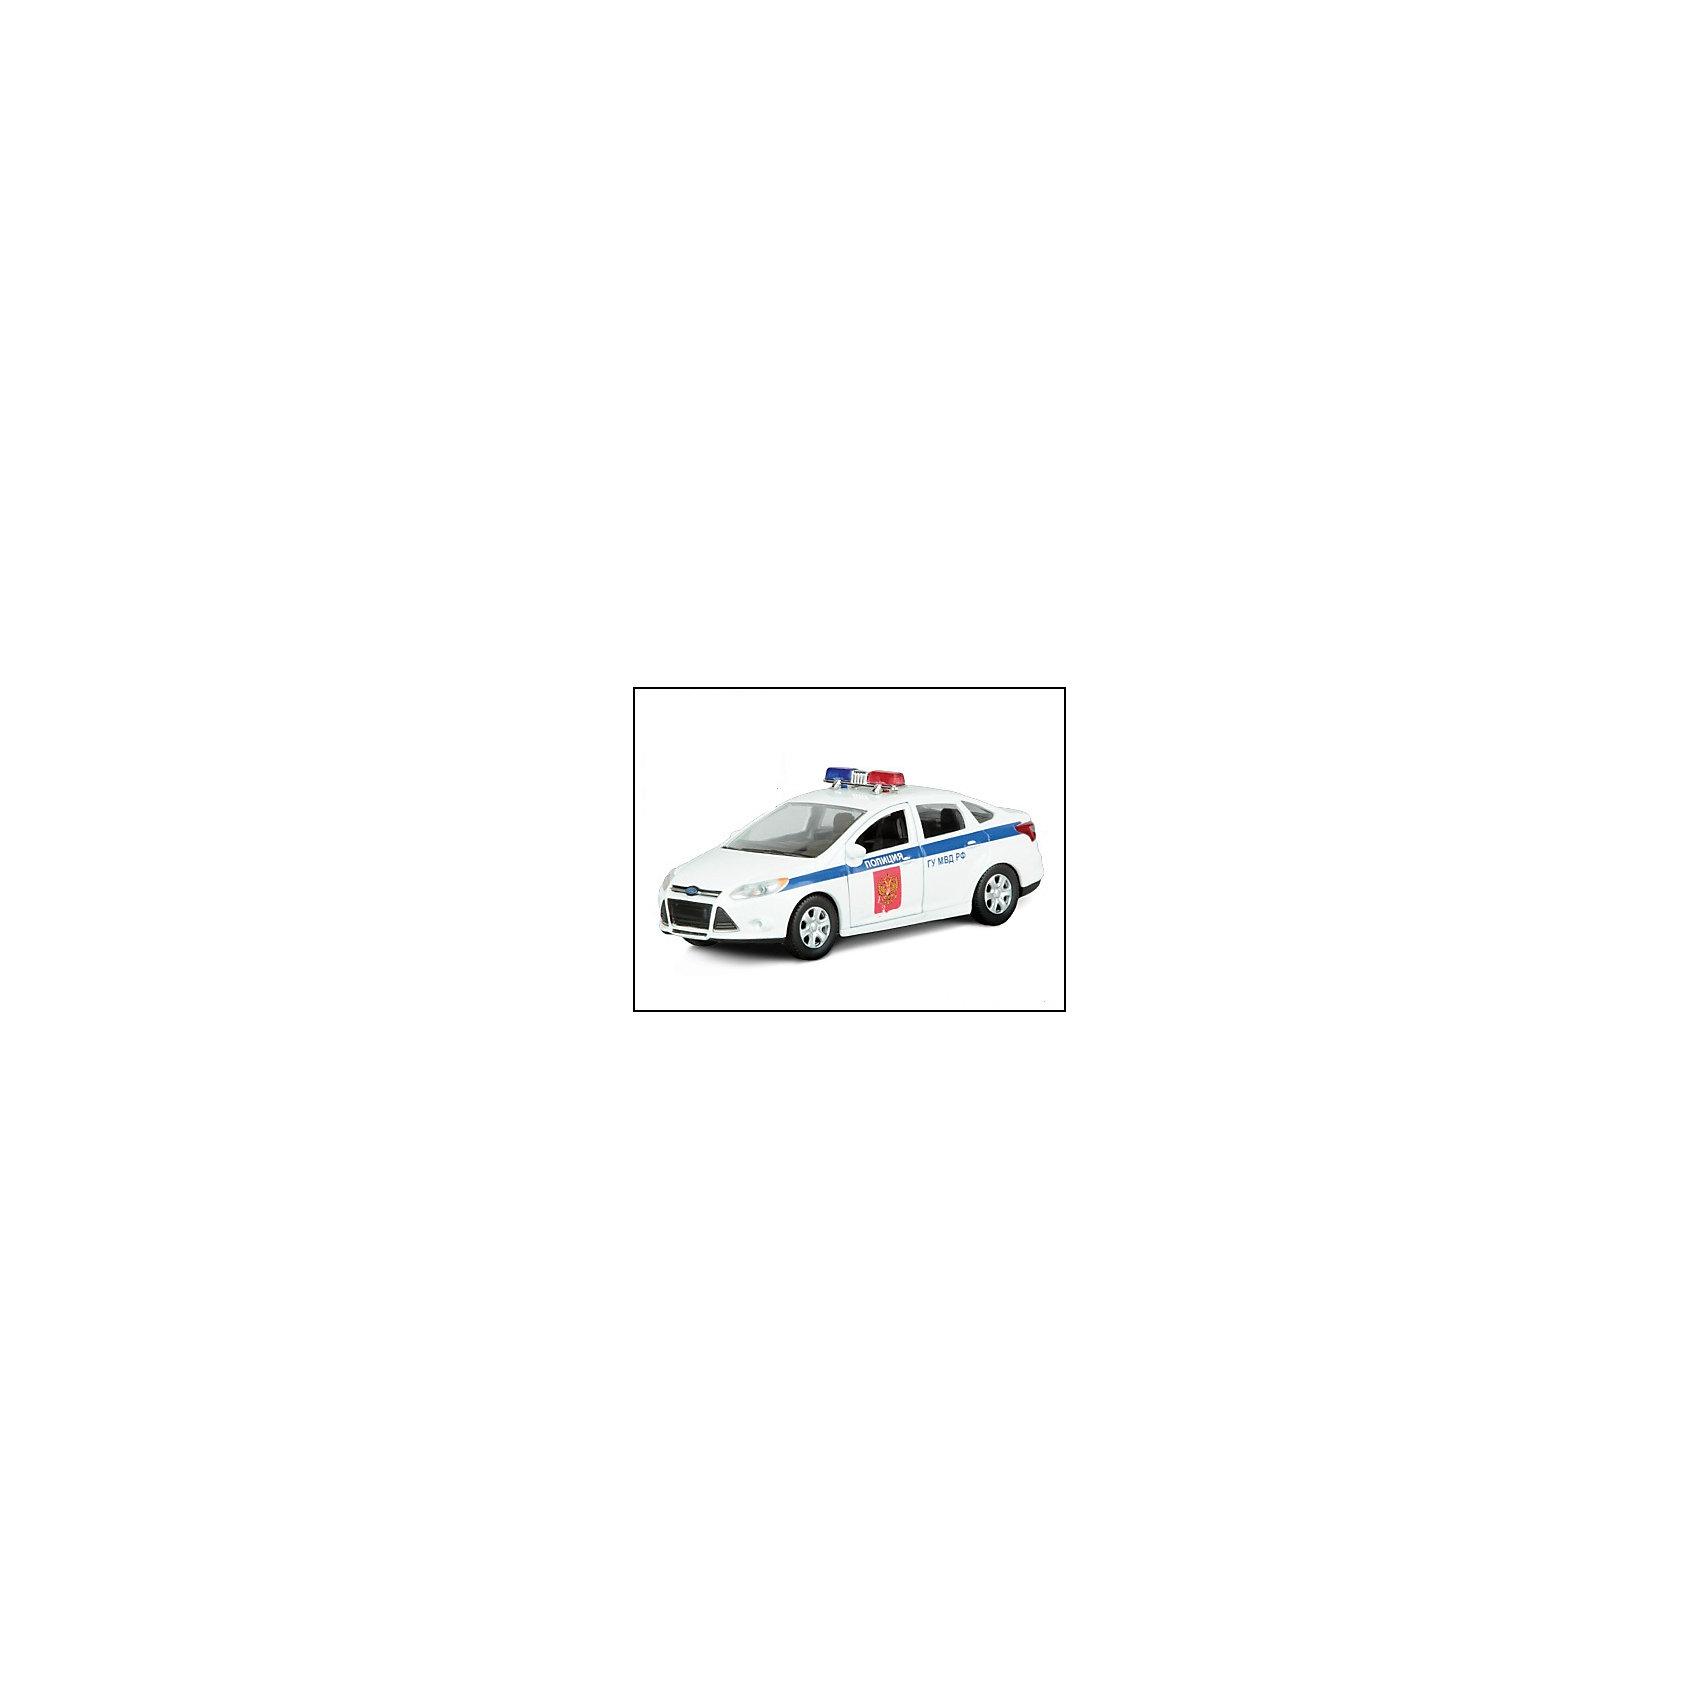 Машинка Ford Focus полиция 1:36, AutotimeМашинки<br>Машинка Ford Focus полиция 1:36, Autotime (Автотайм).<br><br>Характеристики:<br><br>• Масштаб 1:36<br>• Материал: металл, пластик<br>• Цвет: белый<br>• Упаковка: картонная коробка блистерного типа<br>• Размер упаковки: 16,5x5,7x7,2 см.<br><br>Машинка Ford Focus полиция от Autotime (Автотайм) является уменьшенной копией полицейского автомобиля. Модель машины с маркировкой Главного управления Министерства внутренних дел, оборудованная спецсигналами на крыше, отличается высокой степенью детализации. Корпус машинки изготовлен из металла, а все дополнительные элементы из пластика. Передние двери открываются, что позволяет рассмотреть салон изнутри в деталях. Машинка оснащена инерционным механизмом. Машинка Ford Focus полиция станет хорошим подарком и ребенку, и коллекционеру моделей автомобилей.<br><br>Машинку Ford Focus полиция 1:36, Autotime (Автотайм) можно купить в нашем интернет-магазине.<br><br>Ширина мм: 165<br>Глубина мм: 57<br>Высота мм: 75<br>Вес г: 13<br>Возраст от месяцев: 36<br>Возраст до месяцев: 2147483647<br>Пол: Мужской<br>Возраст: Детский<br>SKU: 5583862